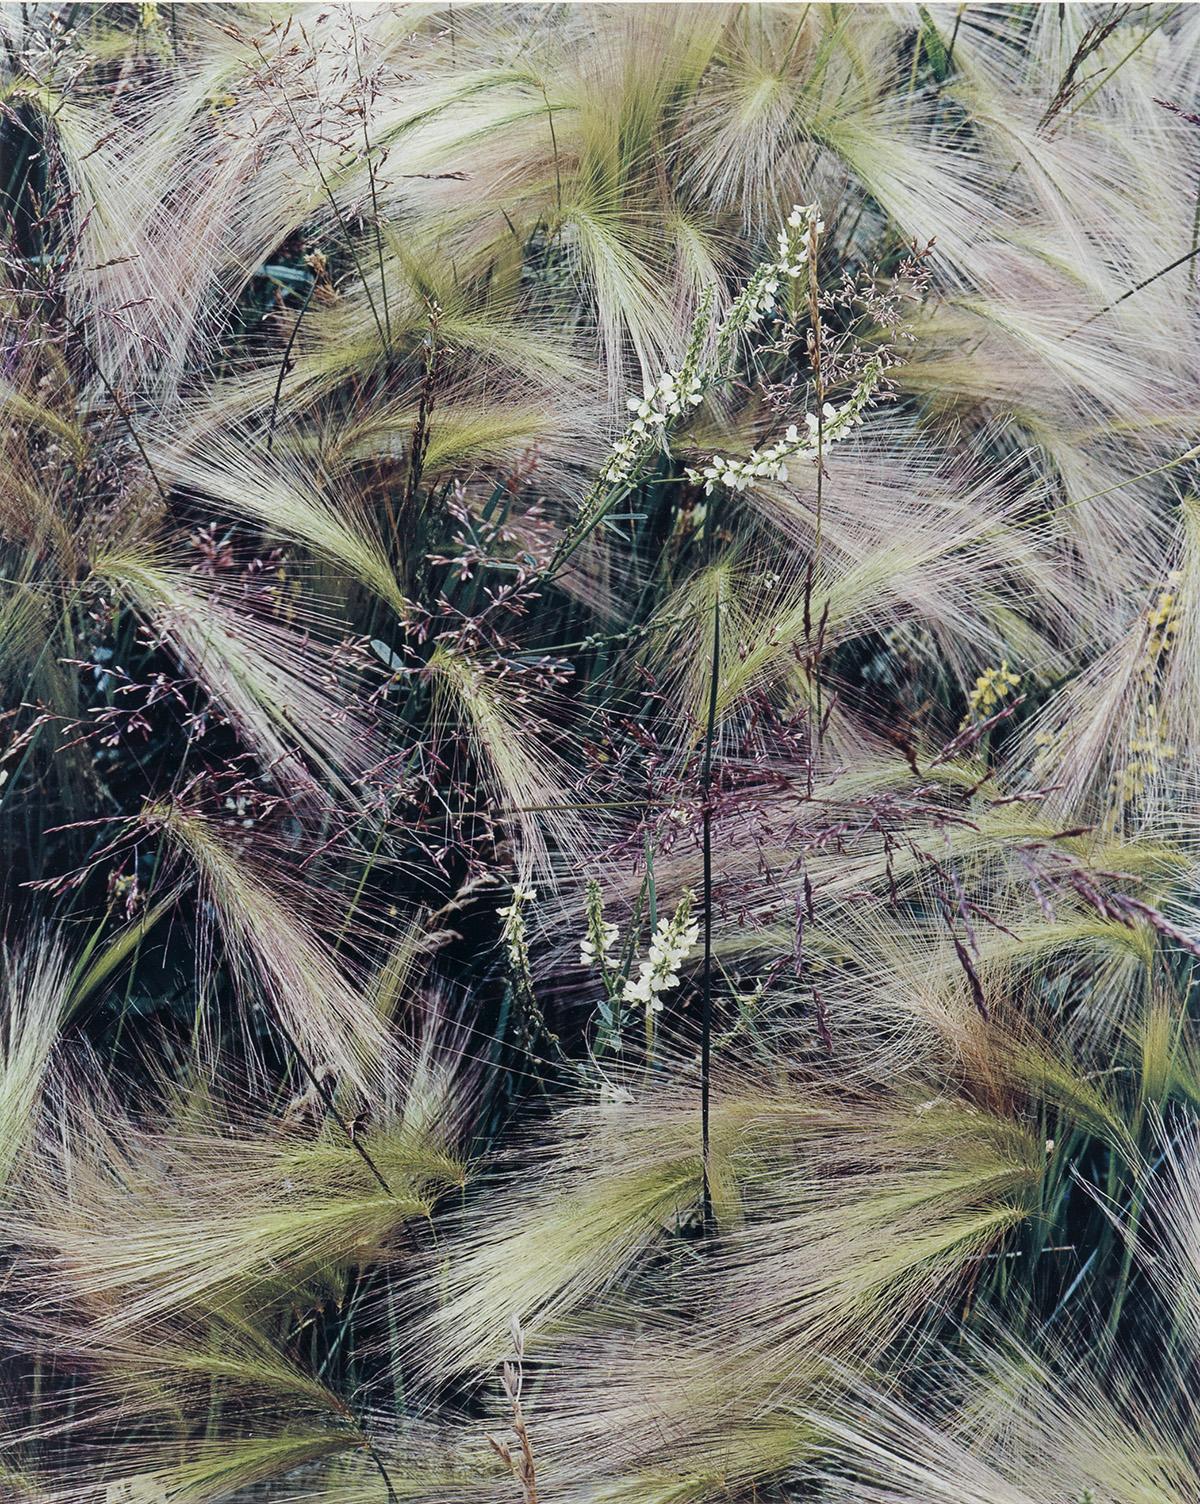 ELIOT PORTER (1901-1990) Portfolio entitled Intimate Landscapes.